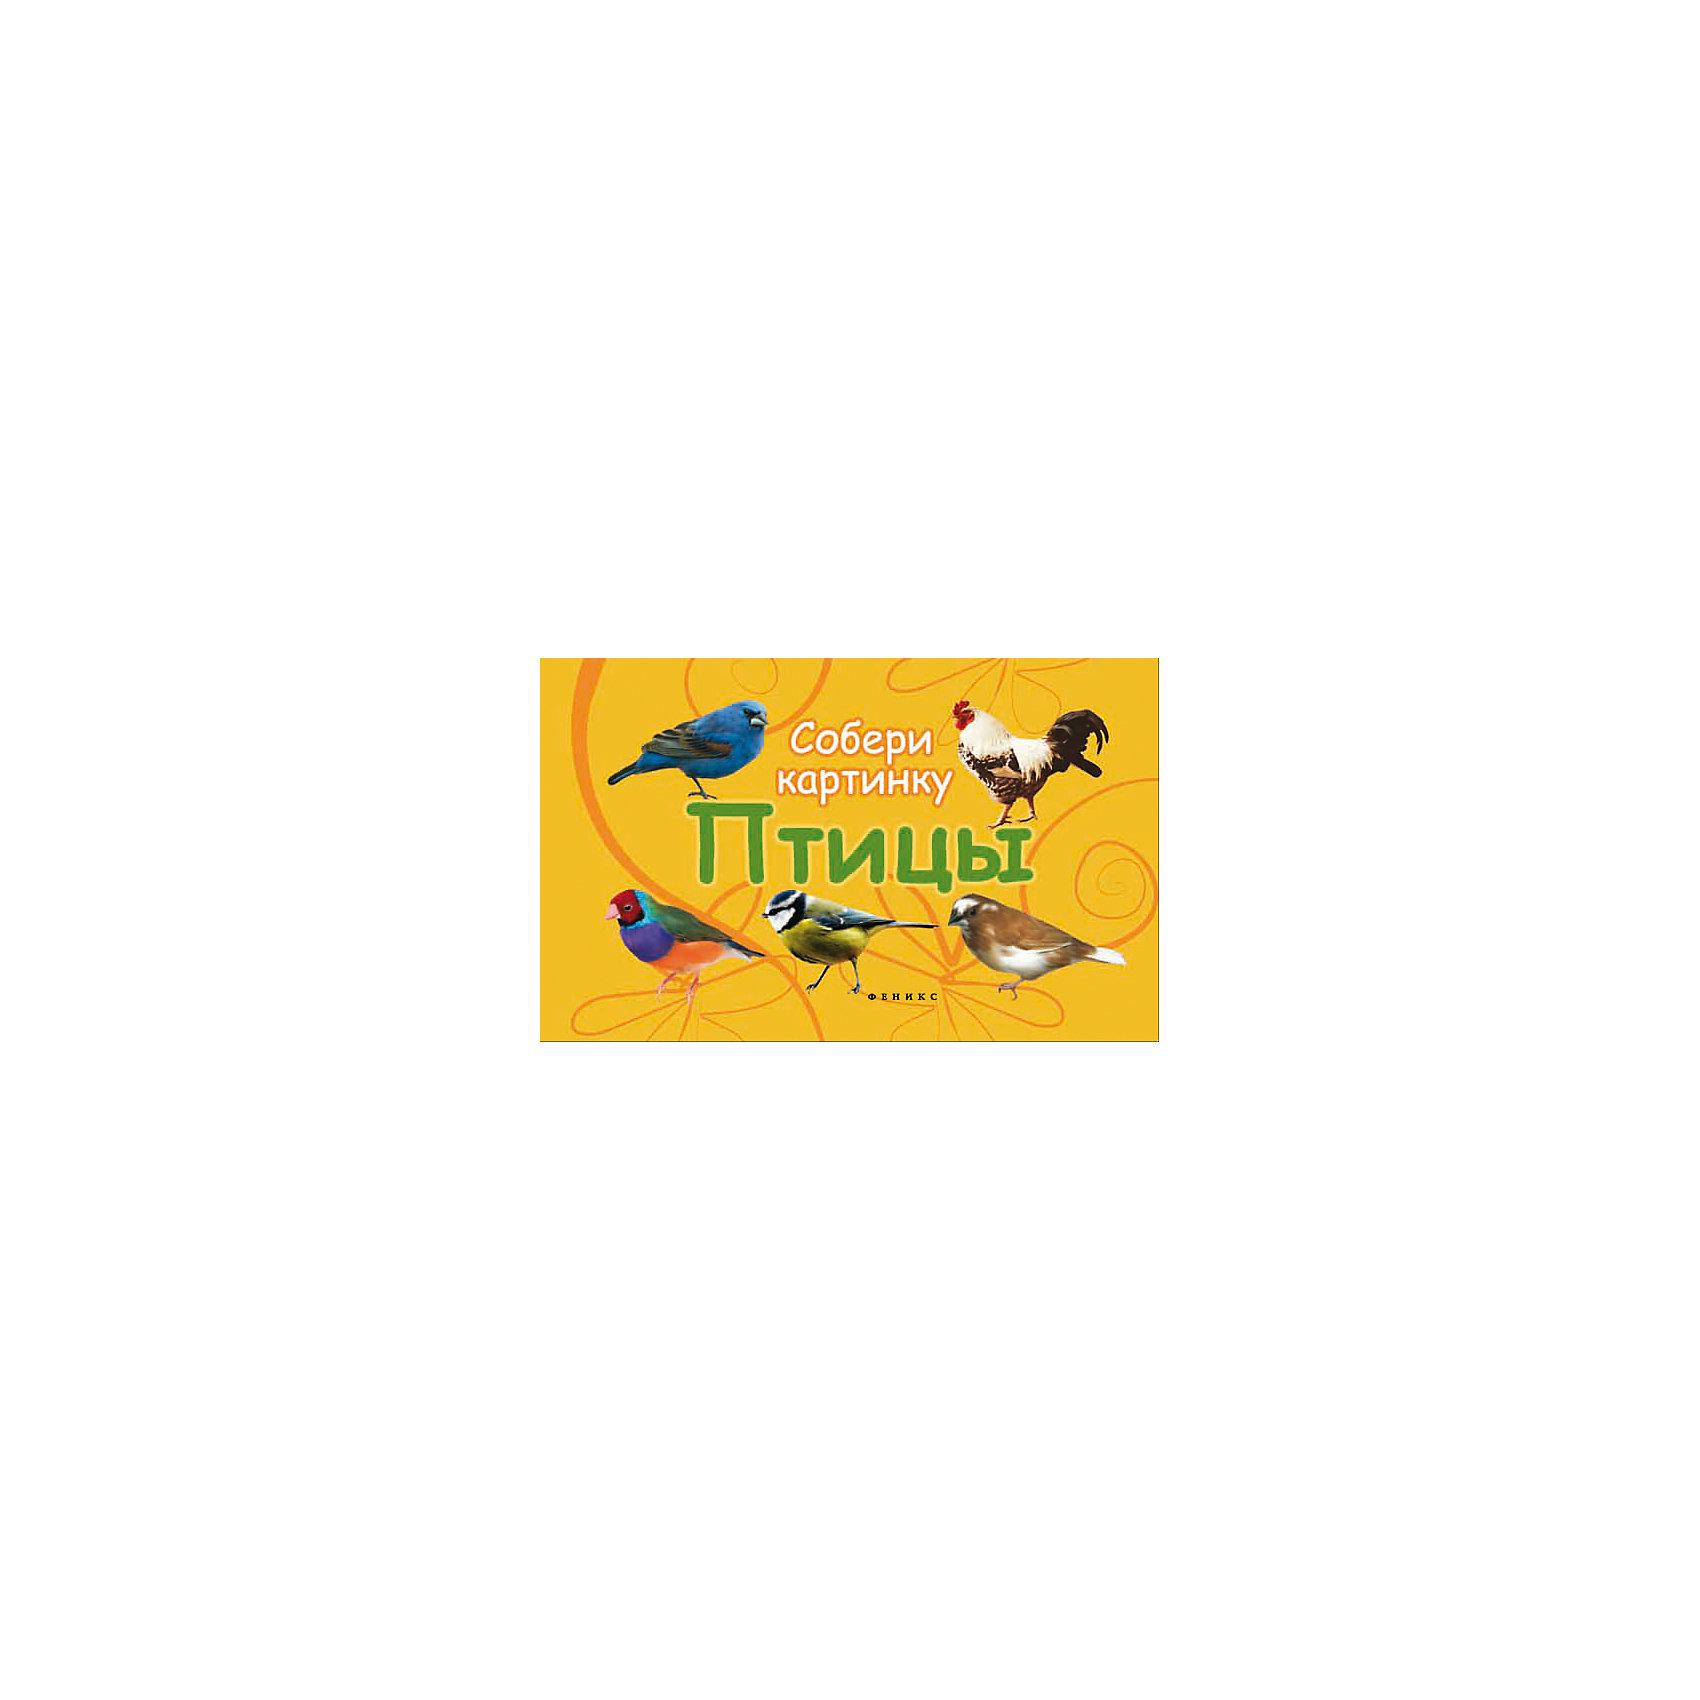 Fenix Птицы: собери картинку fenix удобная спортивная фара